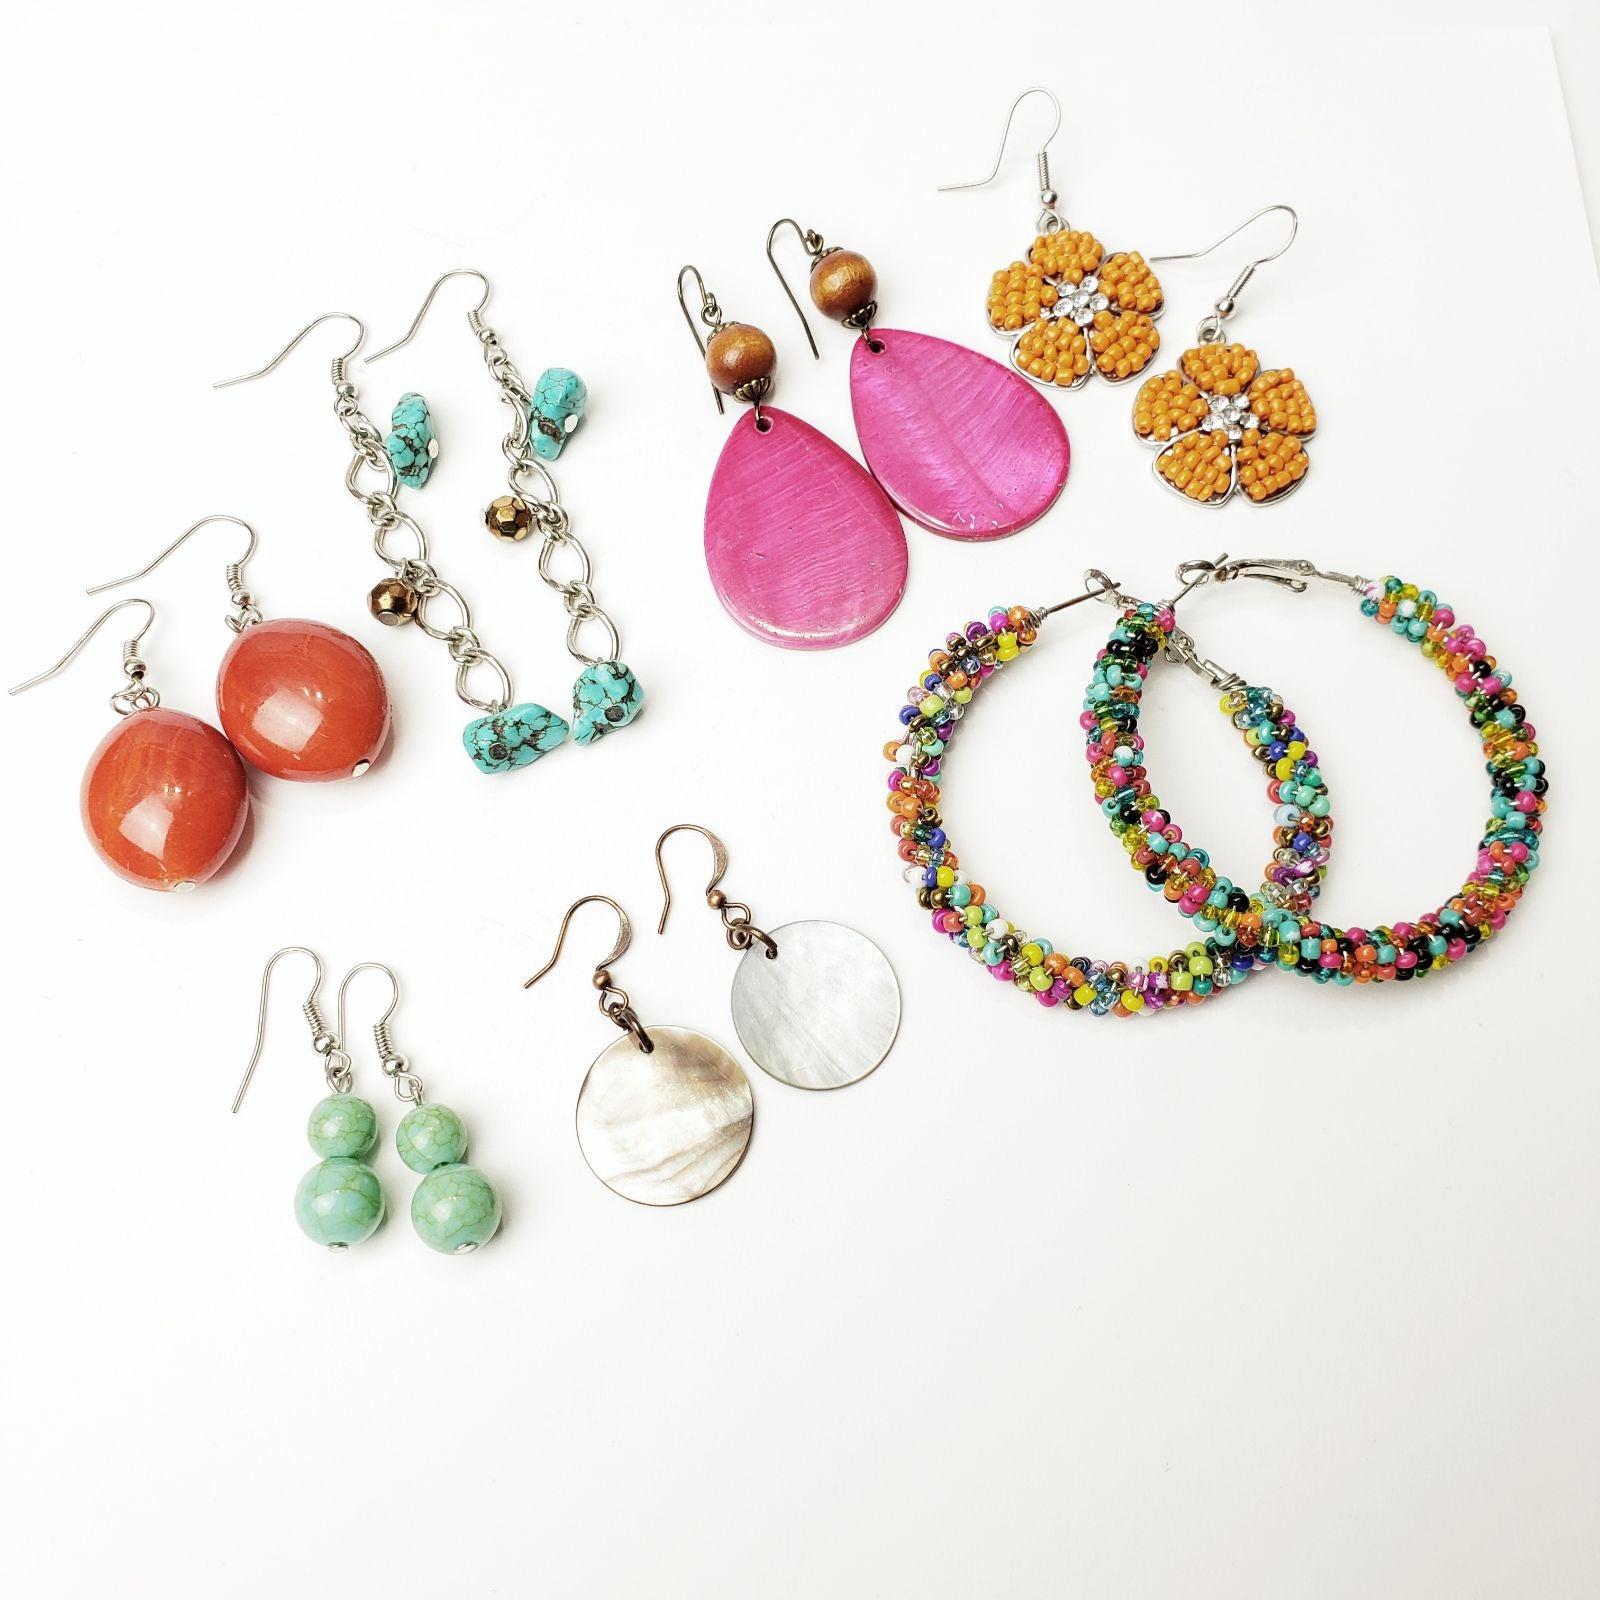 7 x Boho bright clolored earrings lot